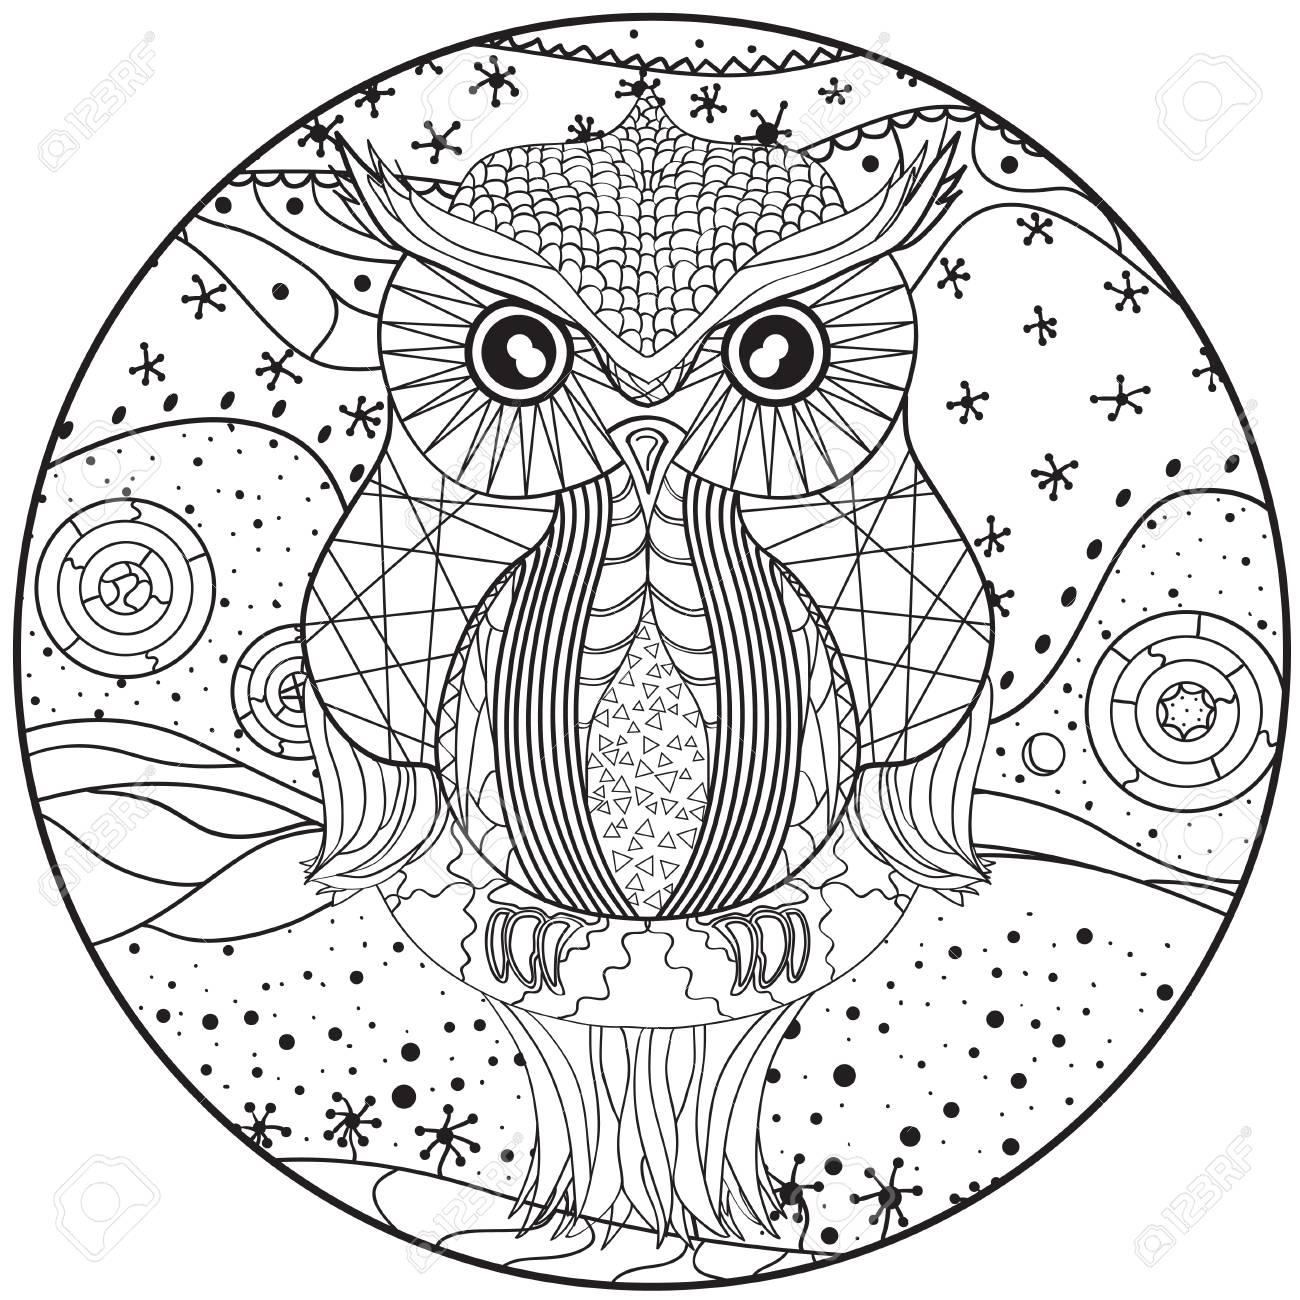 Buho Tatuaje Mandala mandala owl design - teppe.digitalfuturesconsortium